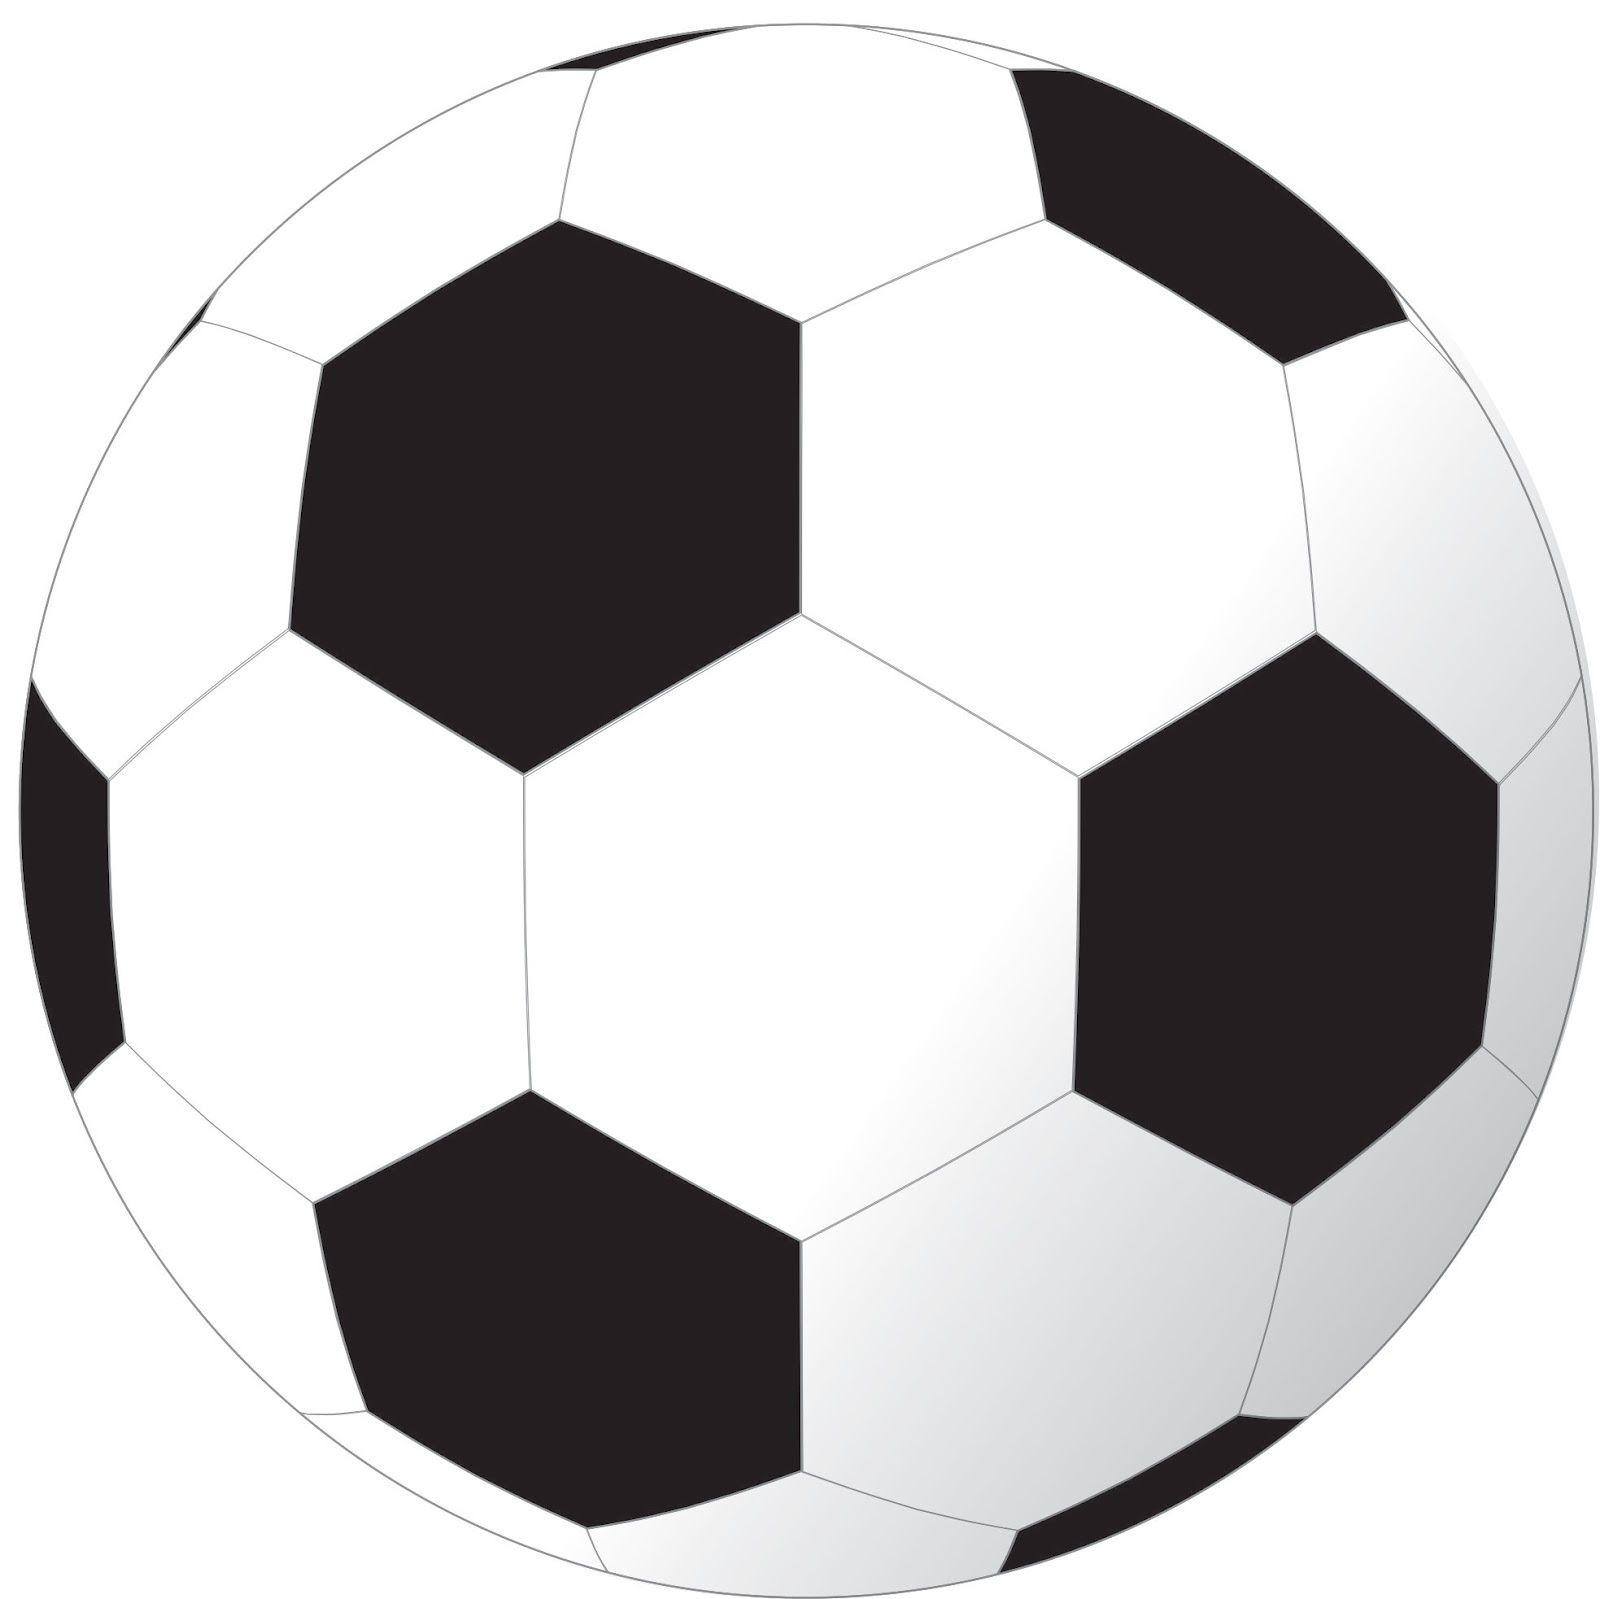 Aprenda como desenhar uma bola de futebol futebol pinterest aprenda como desenhar uma bola de futebol thecheapjerseys Images